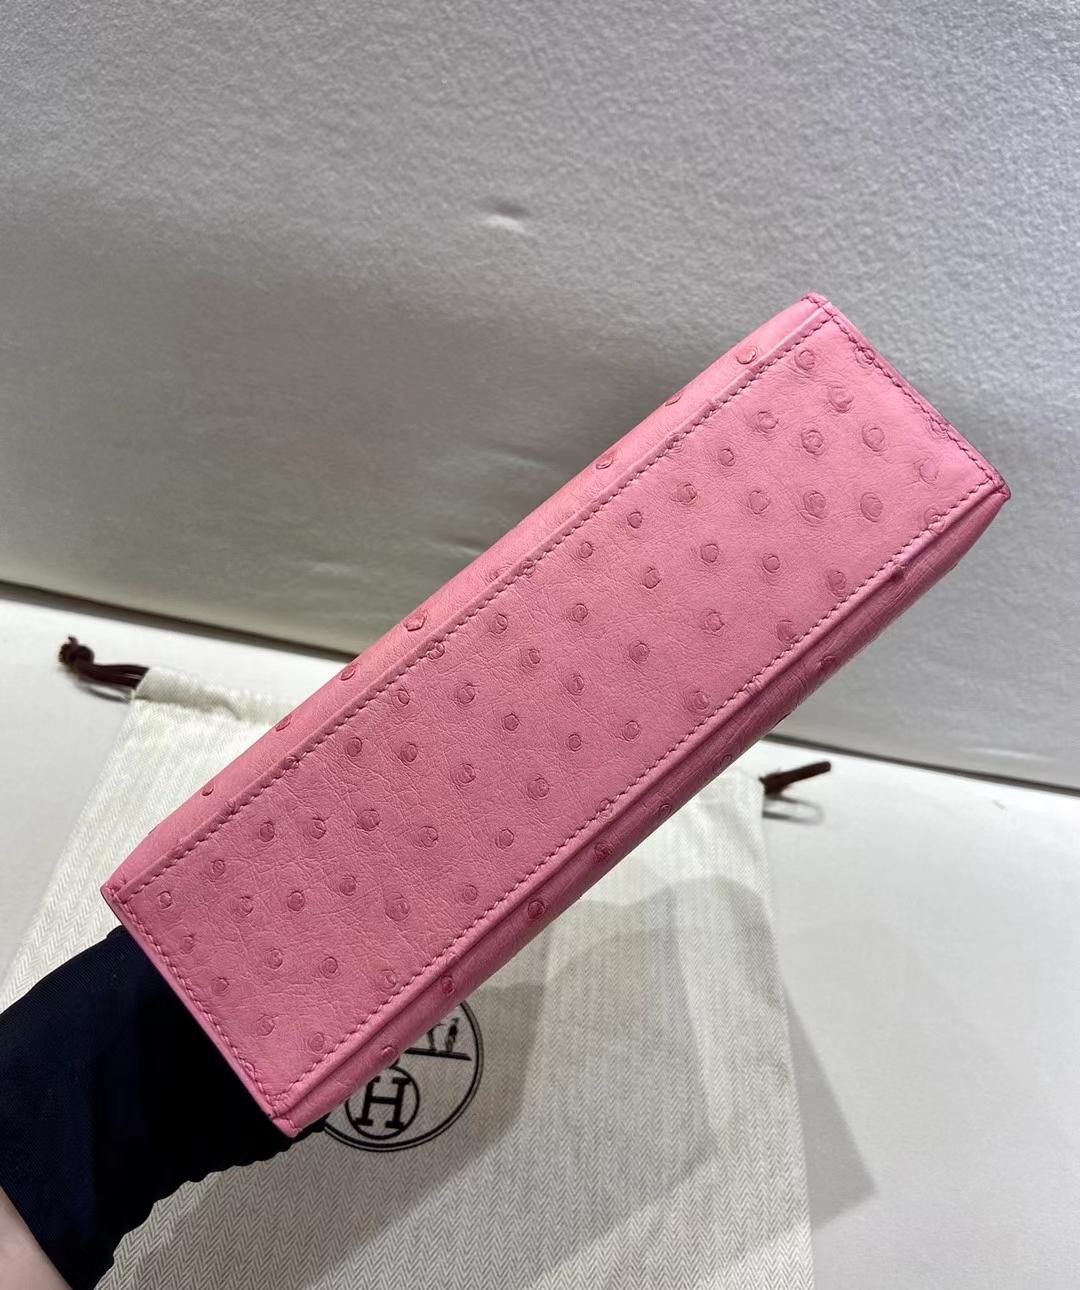 Hermès(爱马仕)miniKelly 一代 银扣 鸵鸟皮 泡泡糖粉 顶级纯手工 现货